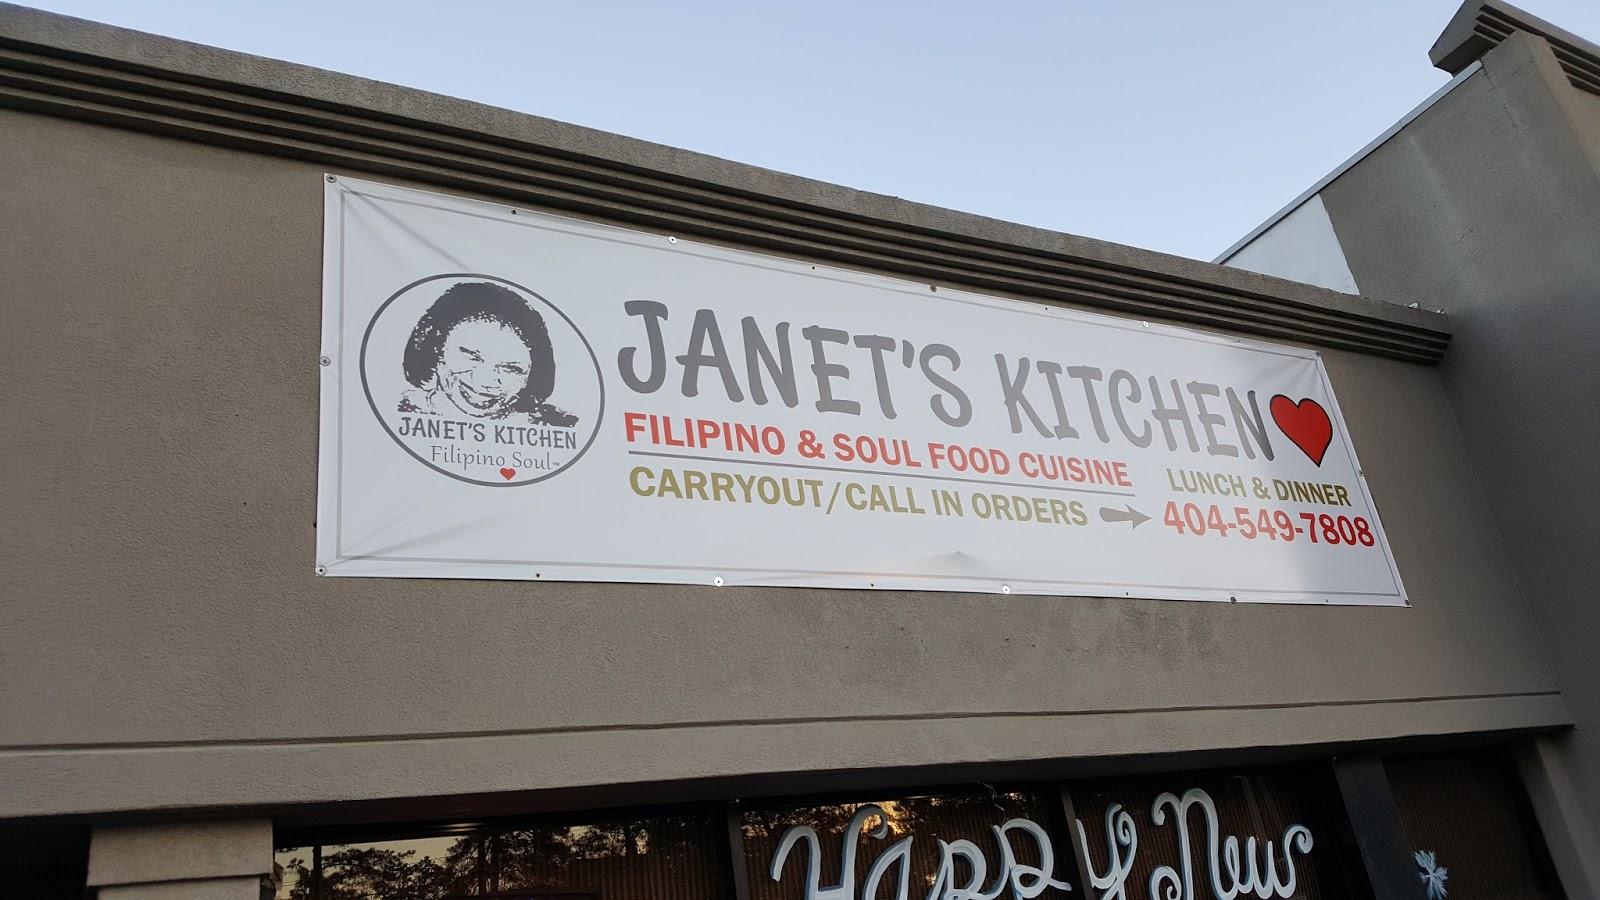 Decatur Janet S Kitchen